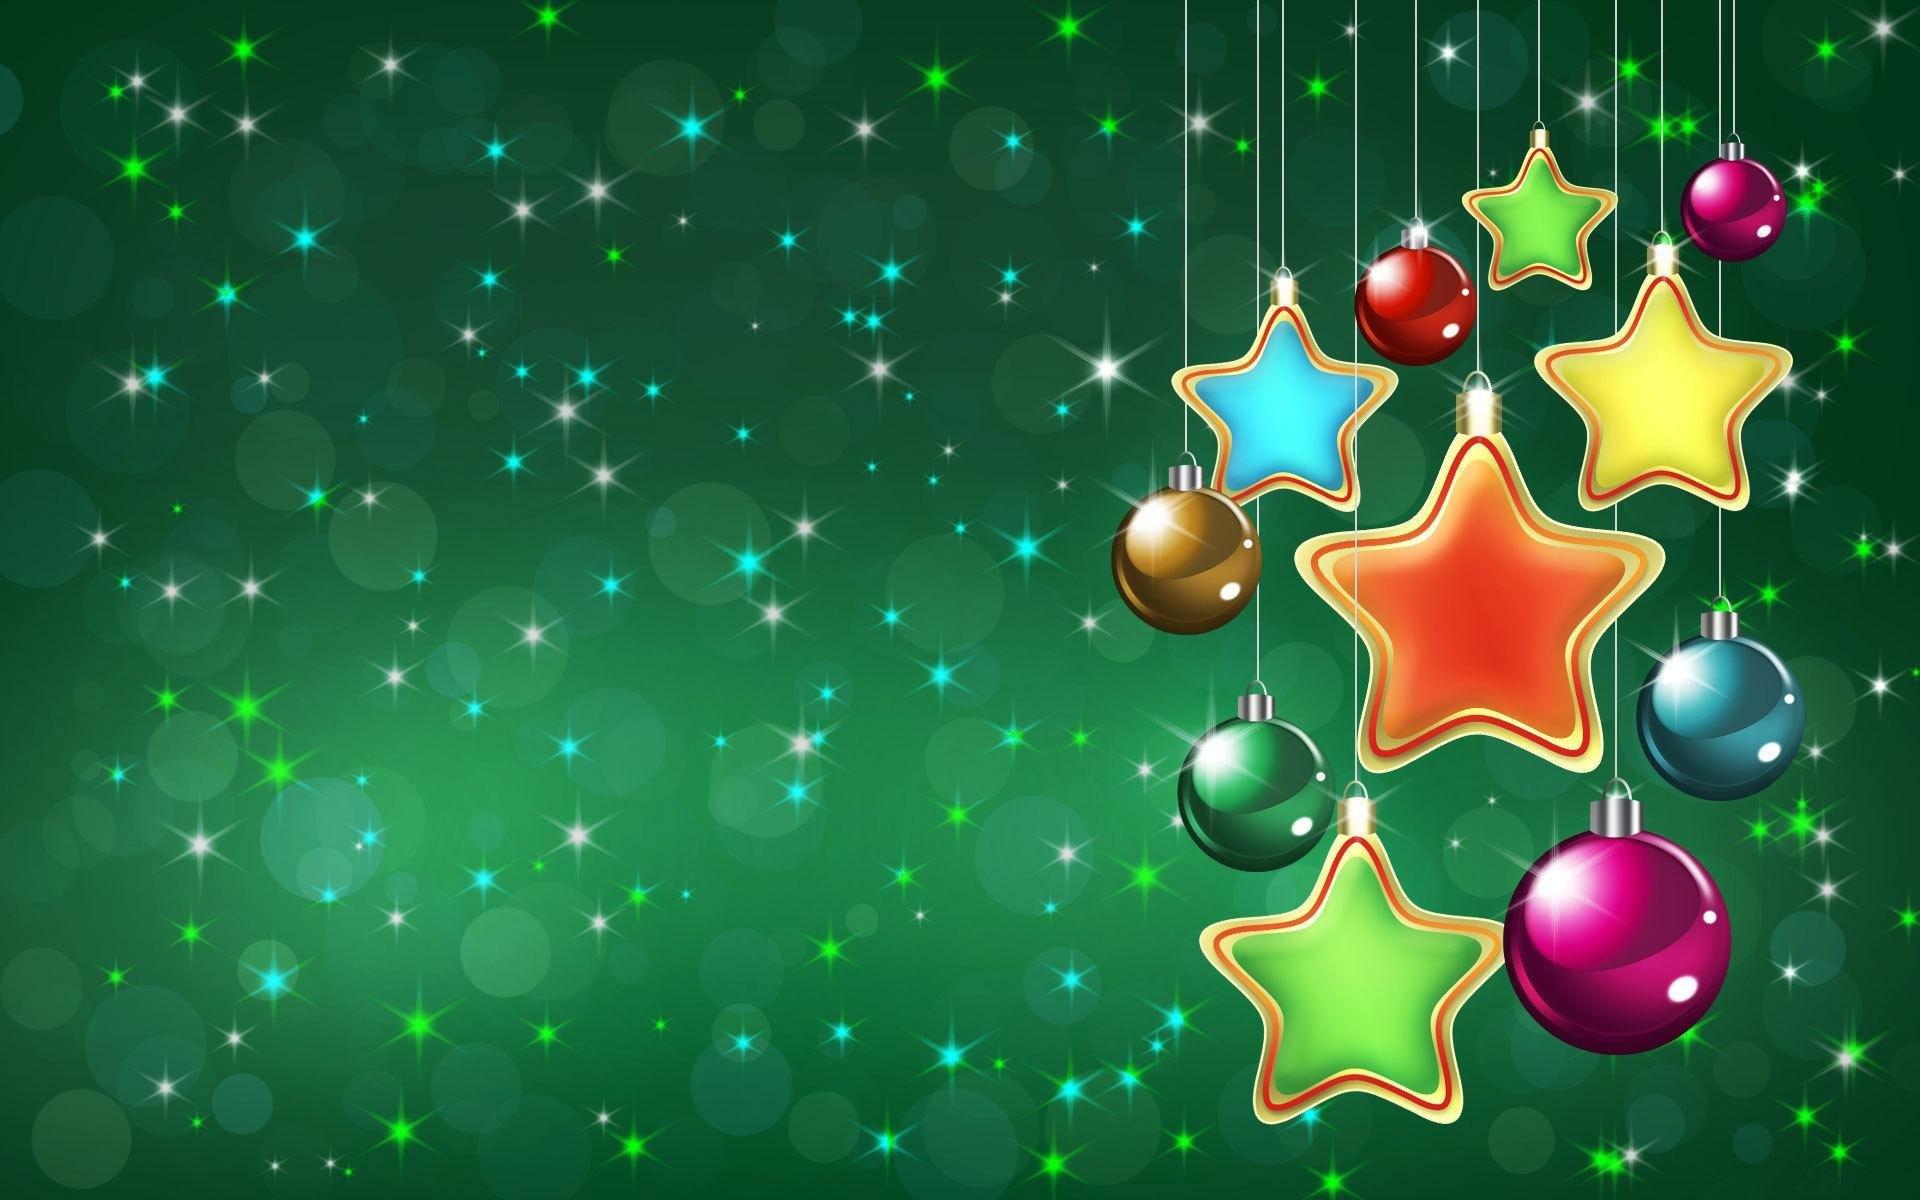 descargar-gratis-fondos-de-pantalla-de-navidad